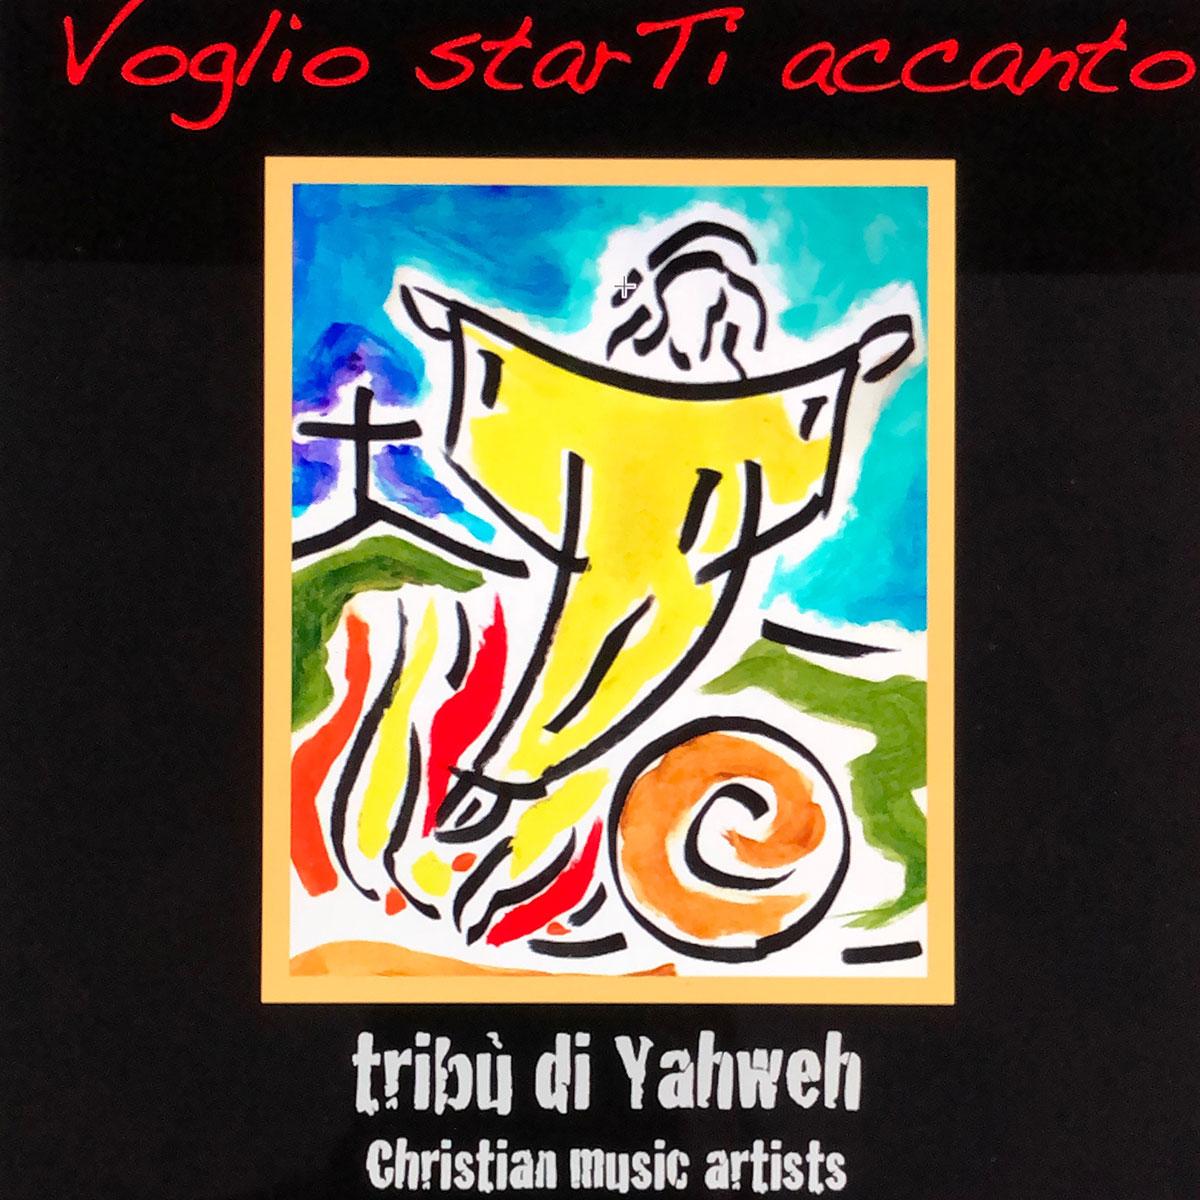 https://www.tribudiyahweh.com/wp/wp-content/uploads/2019/02/Voglio-starTi-accanto.jpg